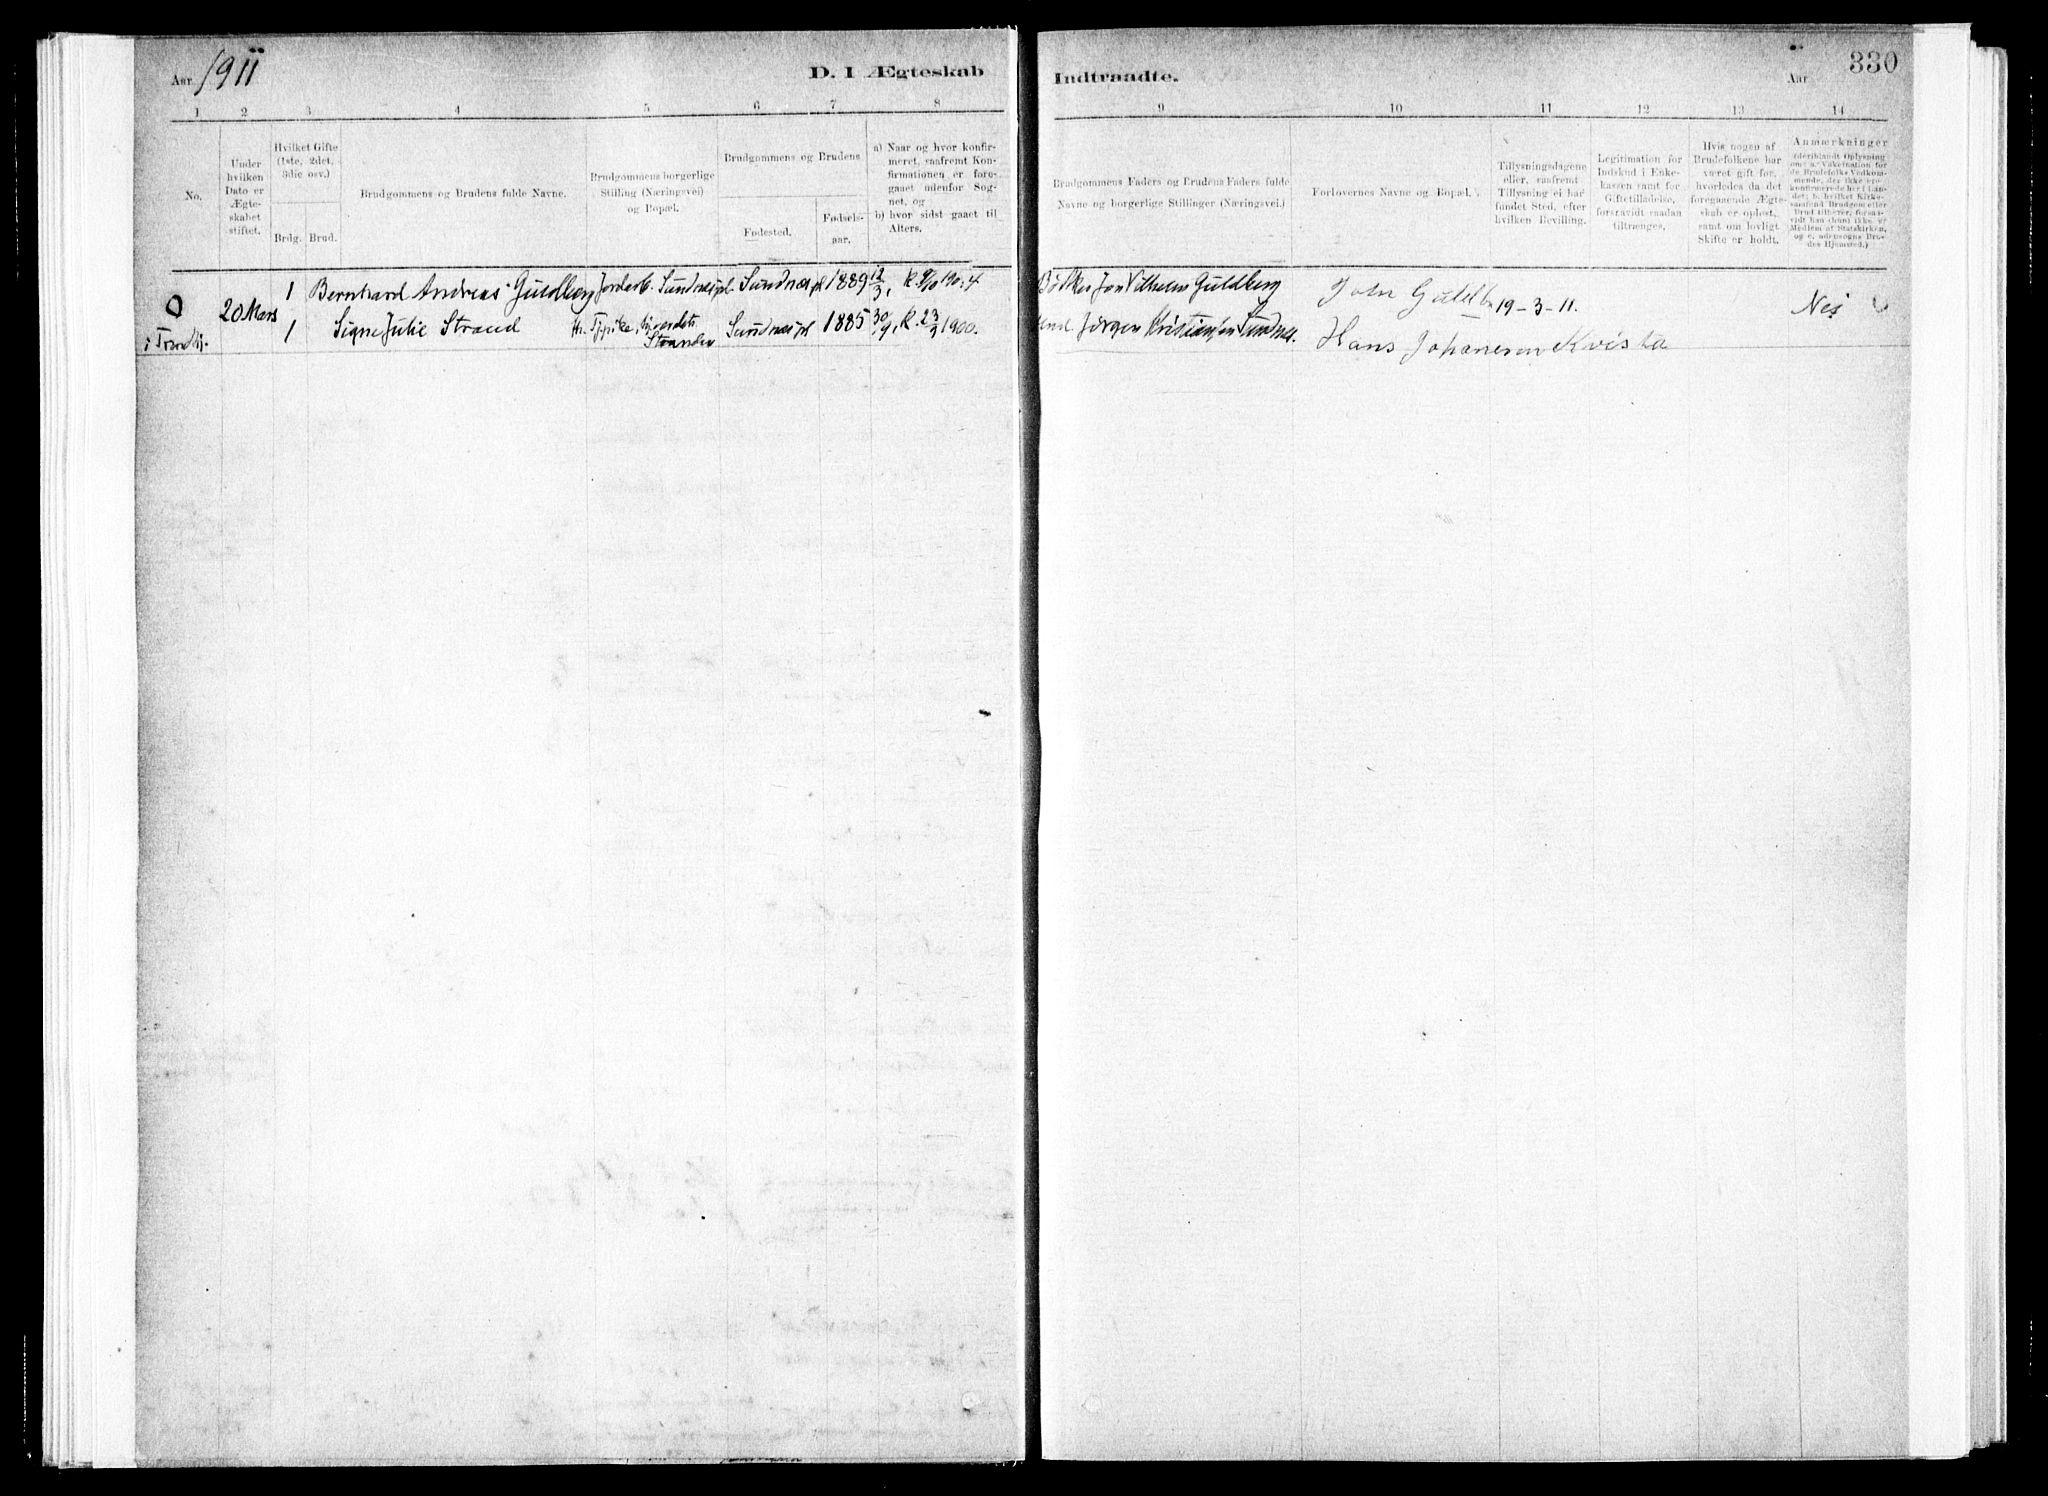 SAT, Ministerialprotokoller, klokkerbøker og fødselsregistre - Nord-Trøndelag, 730/L0285: Ministerialbok nr. 730A10, 1879-1914, s. 330